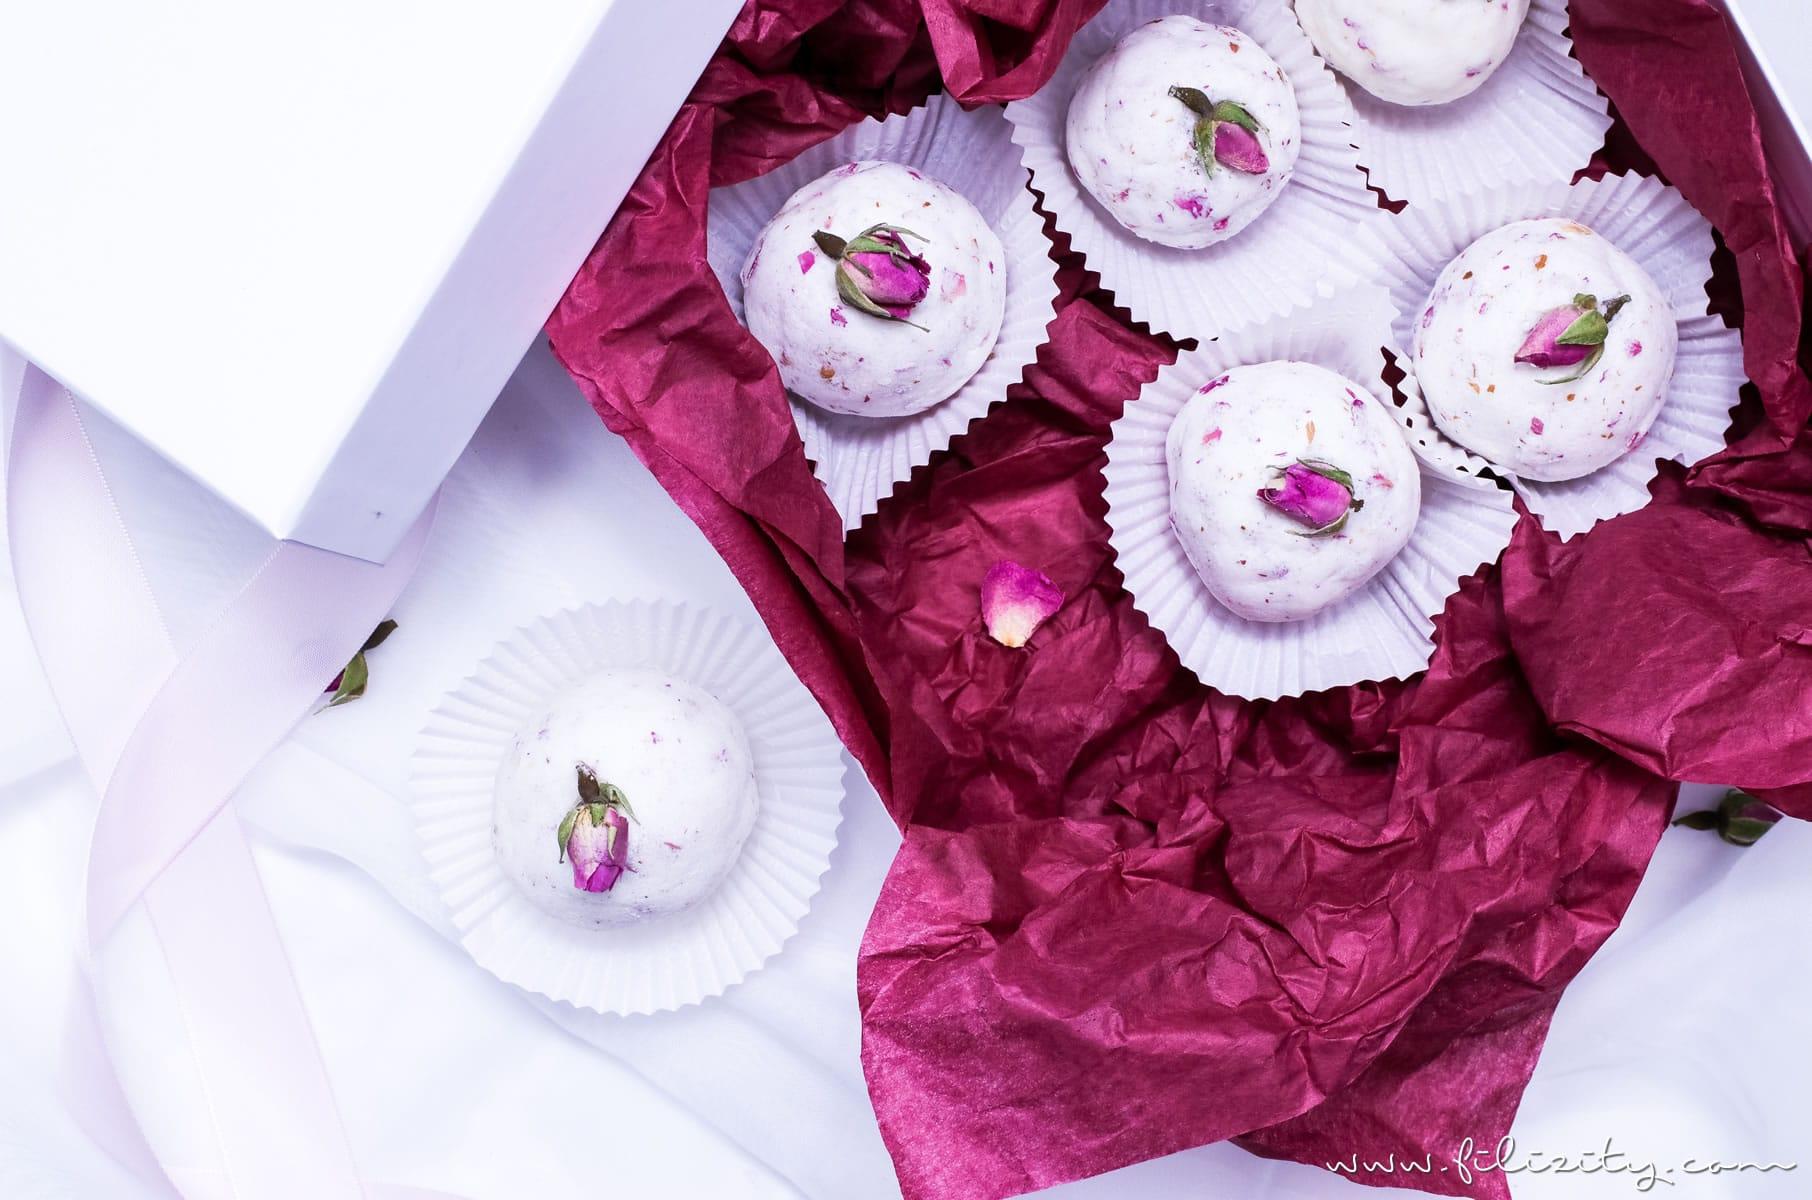 Diy Badebomben Mit Rosen Eine Tolle Geschenkidee Für Valentinstag